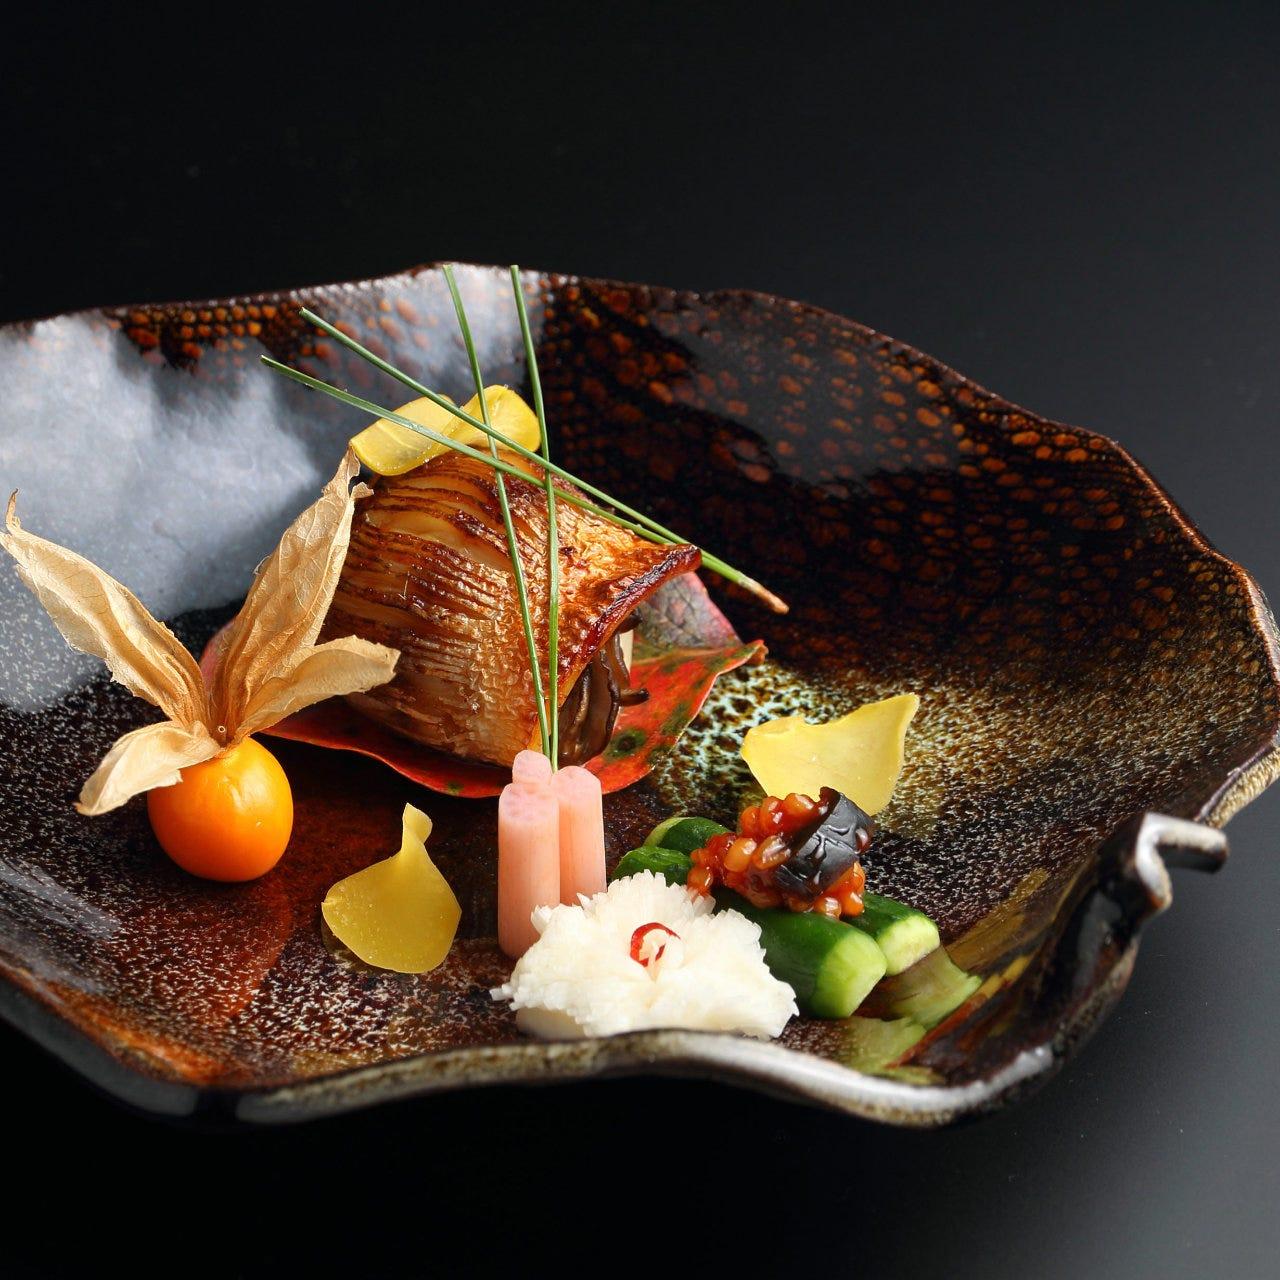 上質な食材が器を美しく鮮やかに彩る